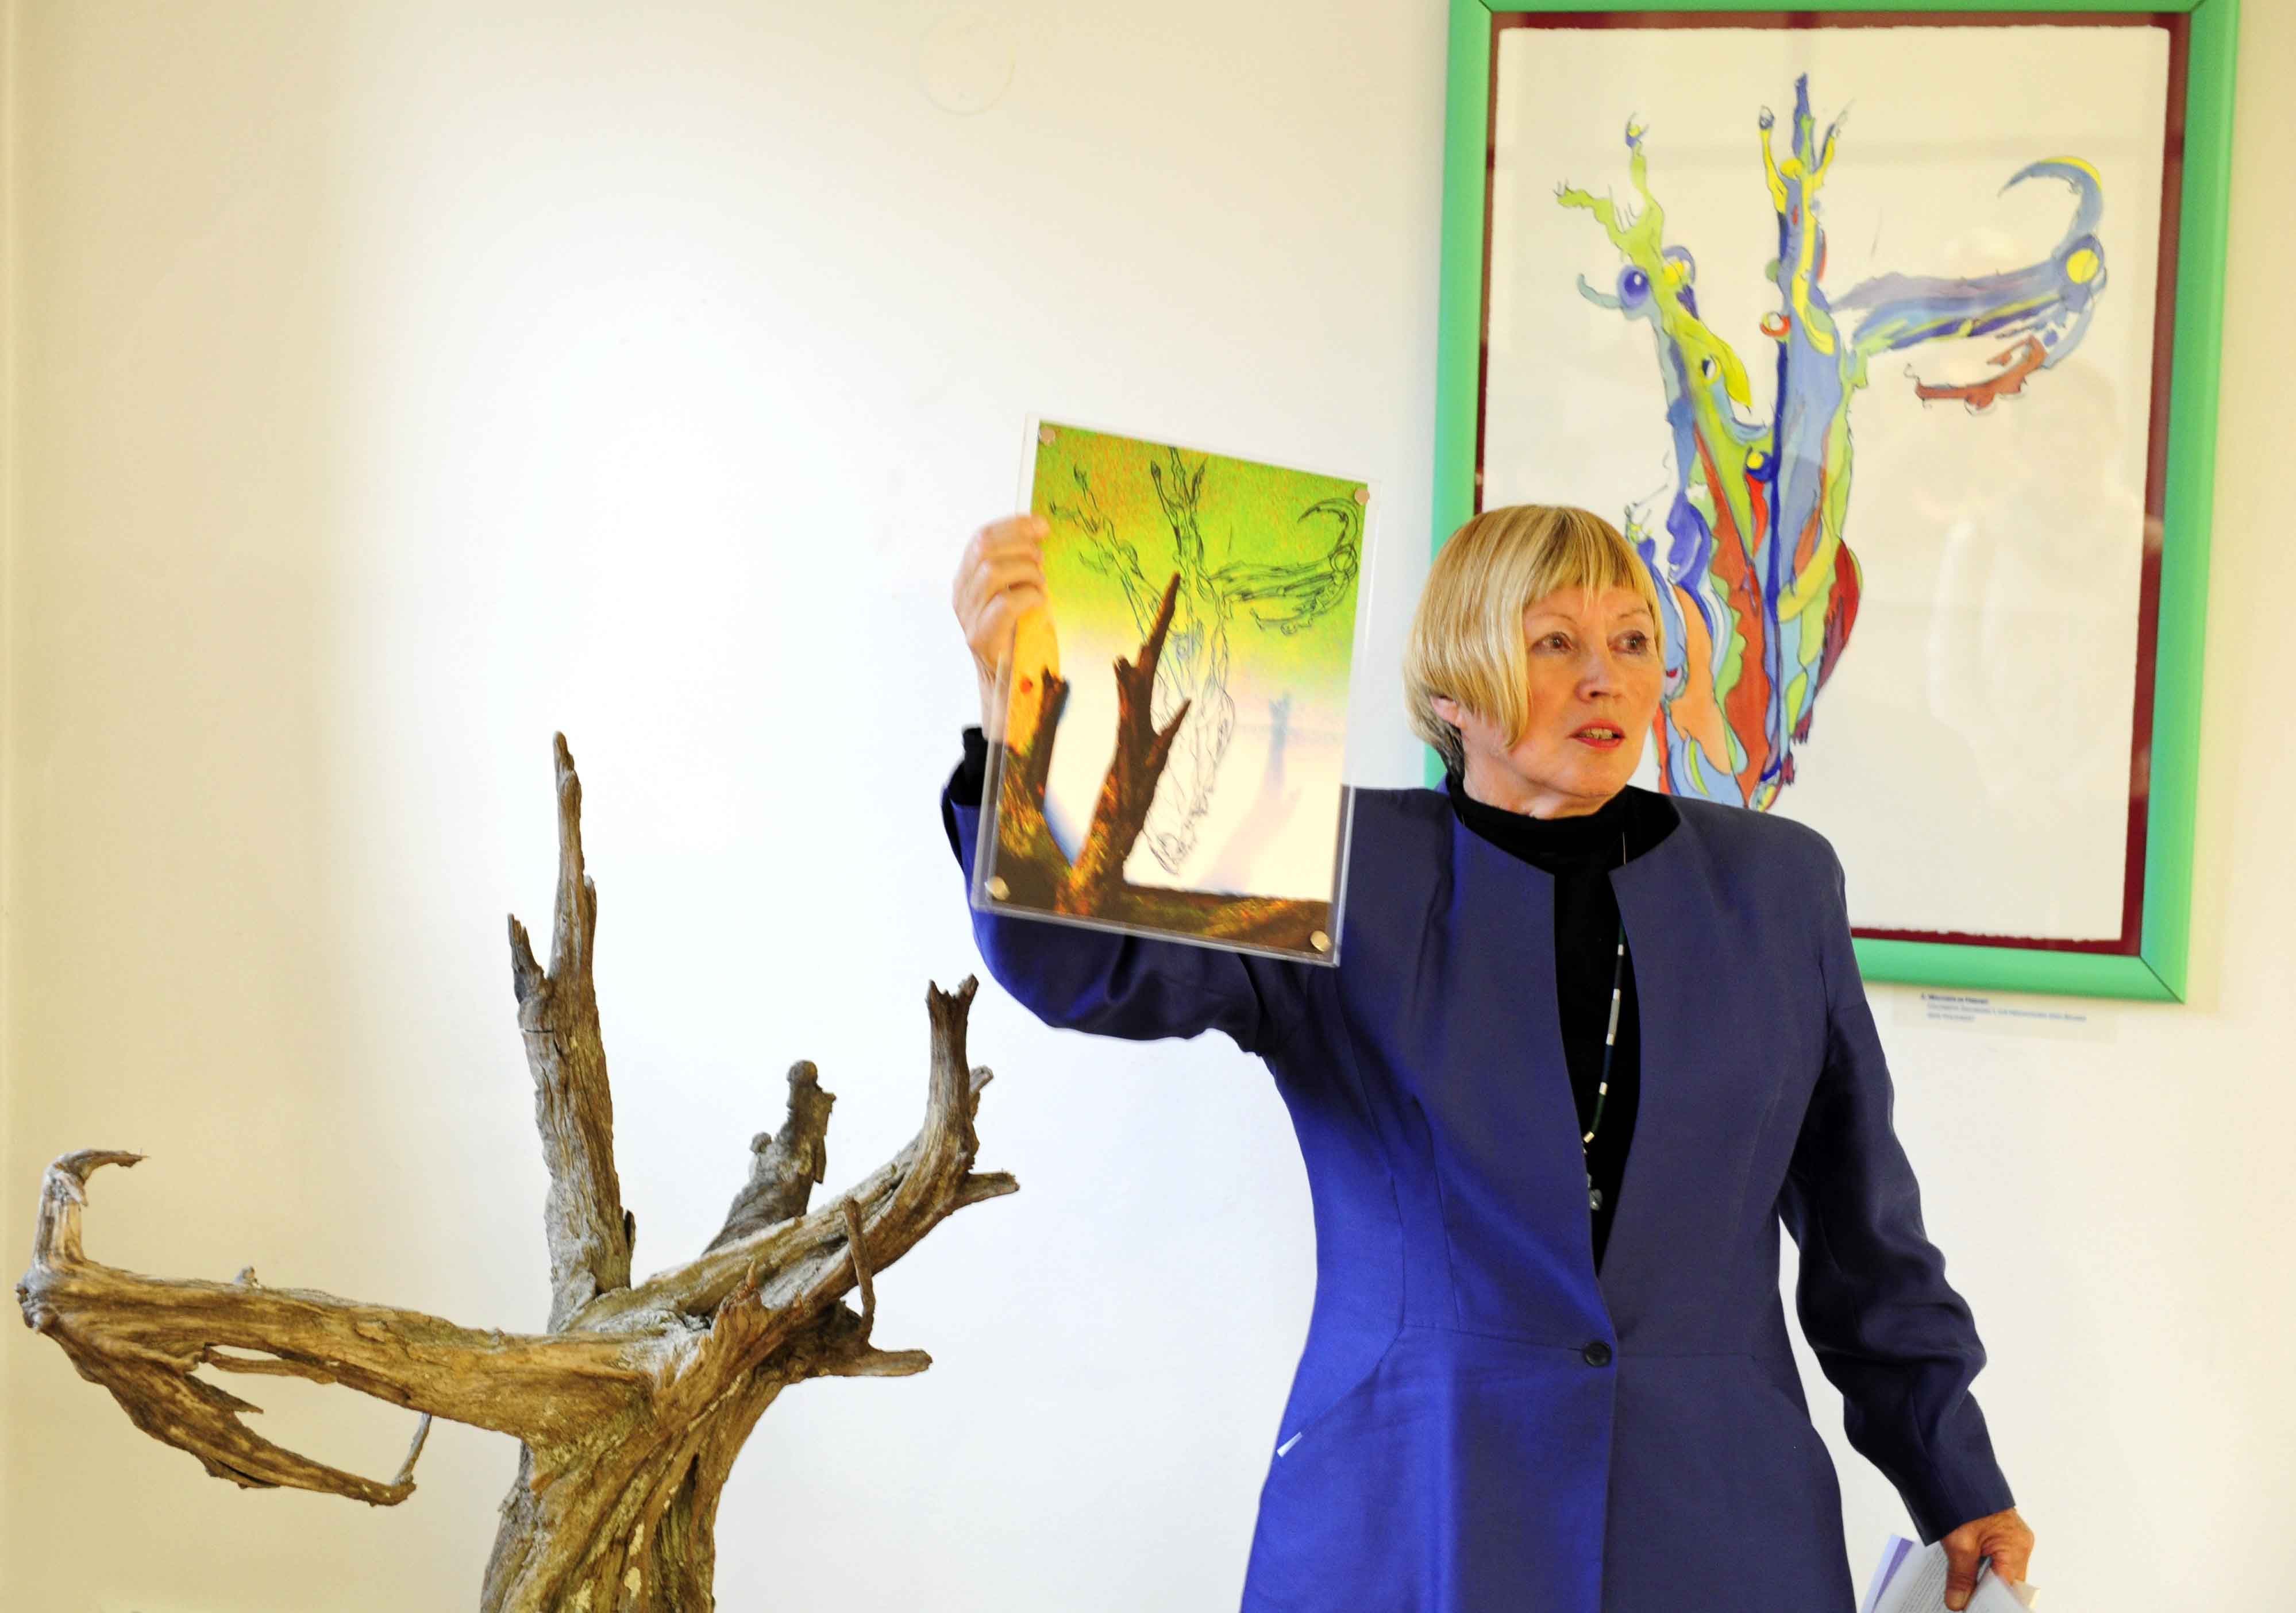 Wachsen in Freiheit: Maria-Anna Bäuml-Roßnagl spricht über ihre Gedanken beim Entstehen der Kunstwerke. (Fotos: pba/Nicolas Schnall)